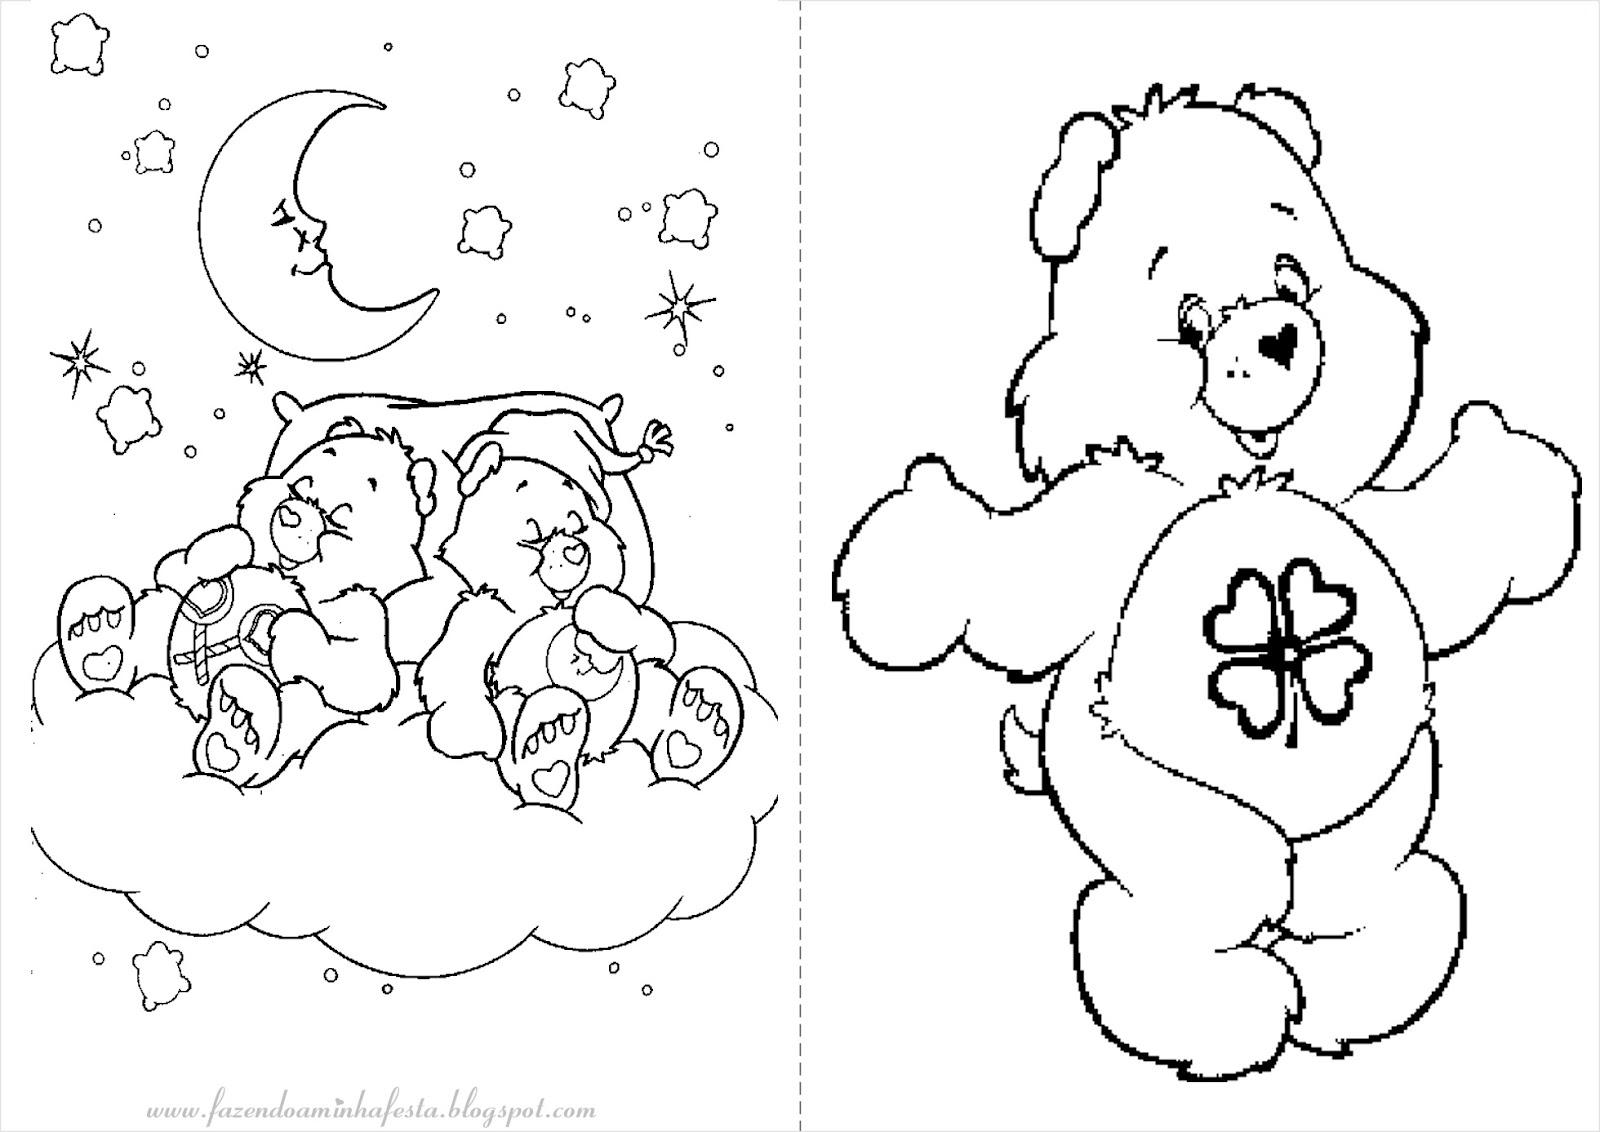 Dibujos Osos Amorosos Para Colorear E Imprimir: Colorir: Ursinhos Carinhosos